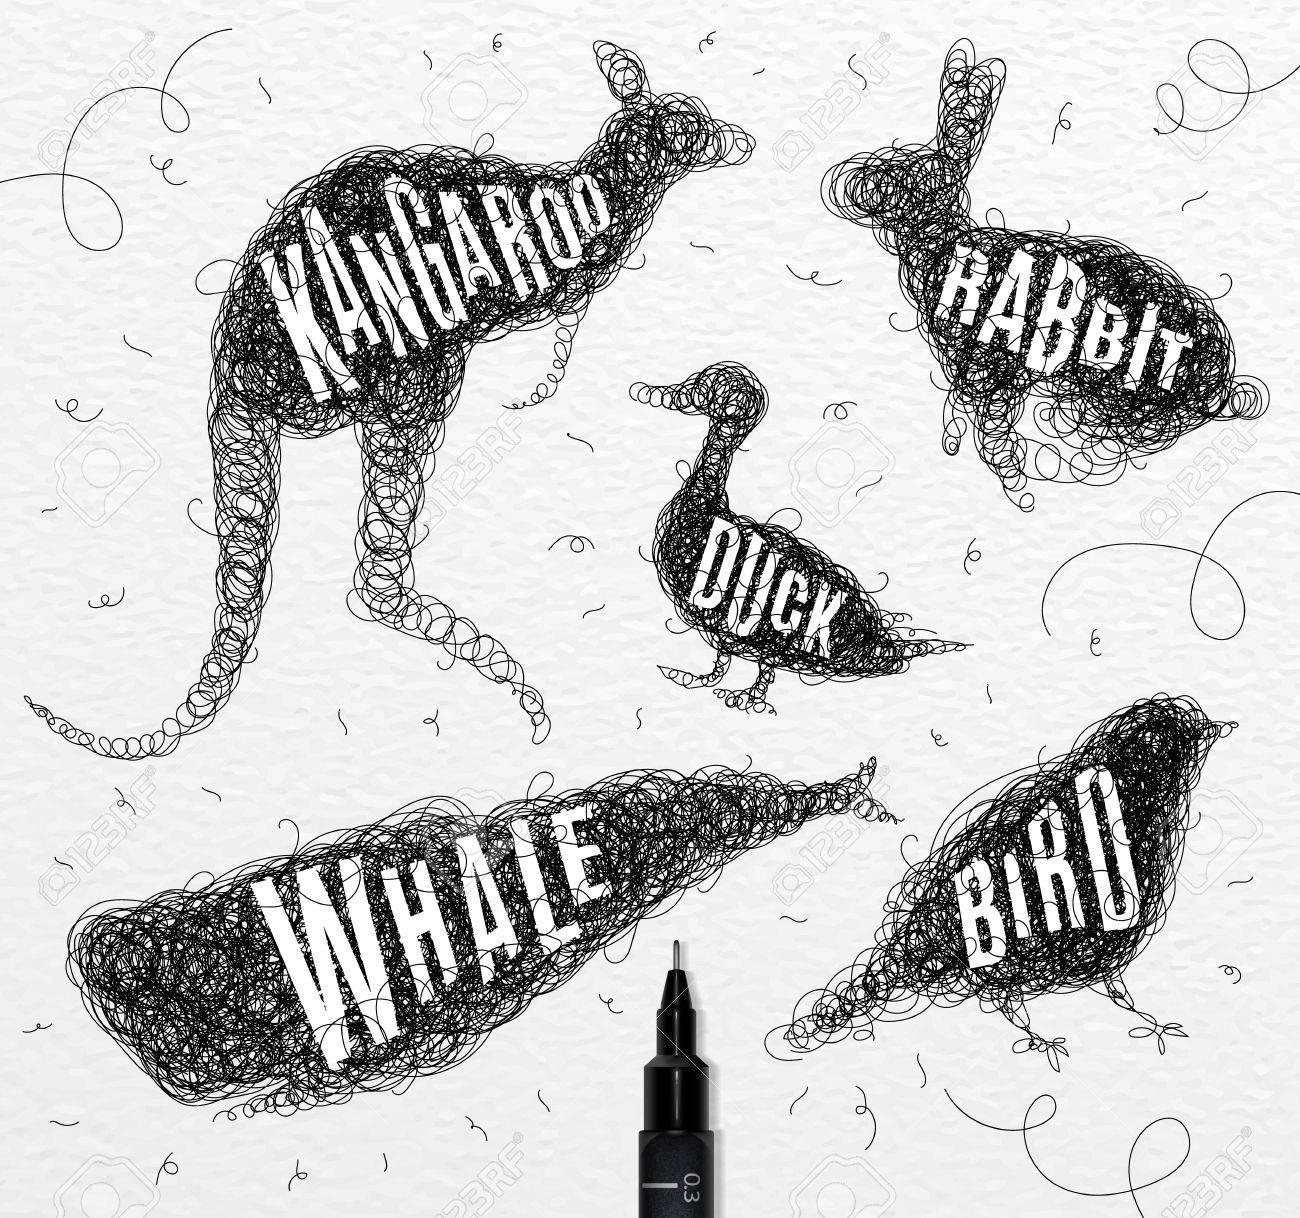 Pen Handzeichnung Gewirr Wilde Tiere Ente, Wale, Vögel, Kaninchen ...